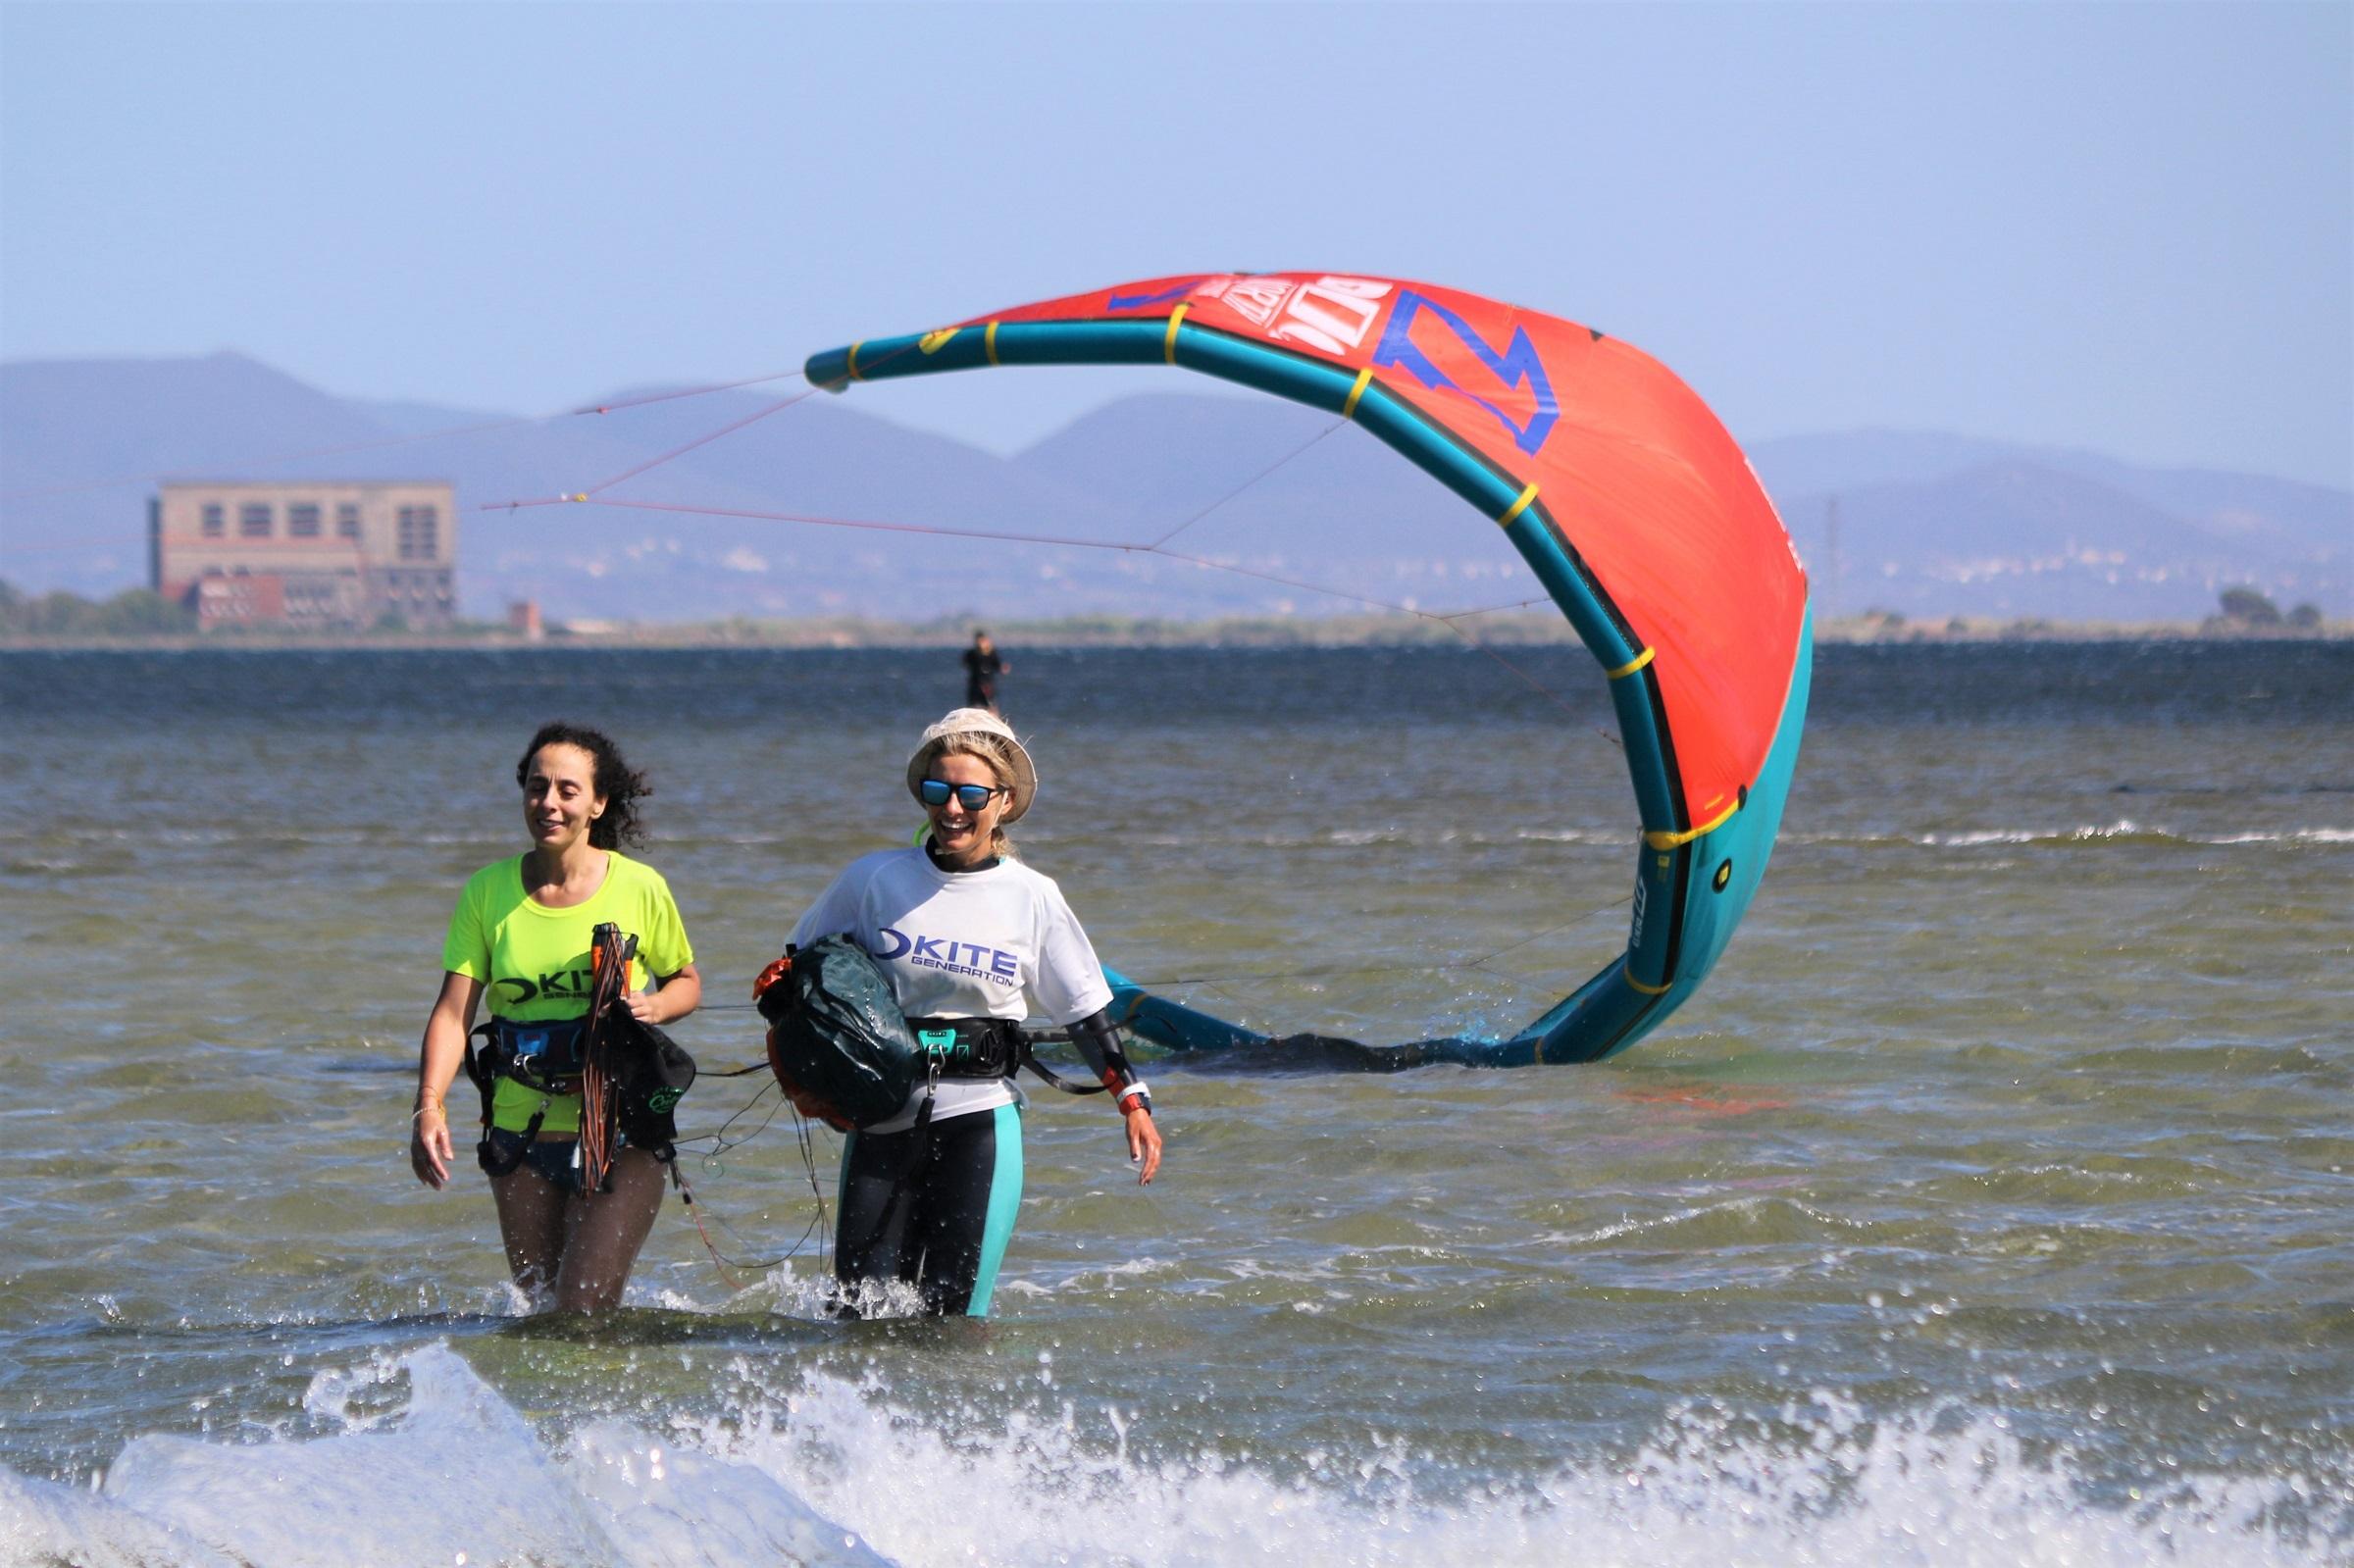 Si torna alla base dopo la fine della lezione di kite a Punta Trettu in Sardegna